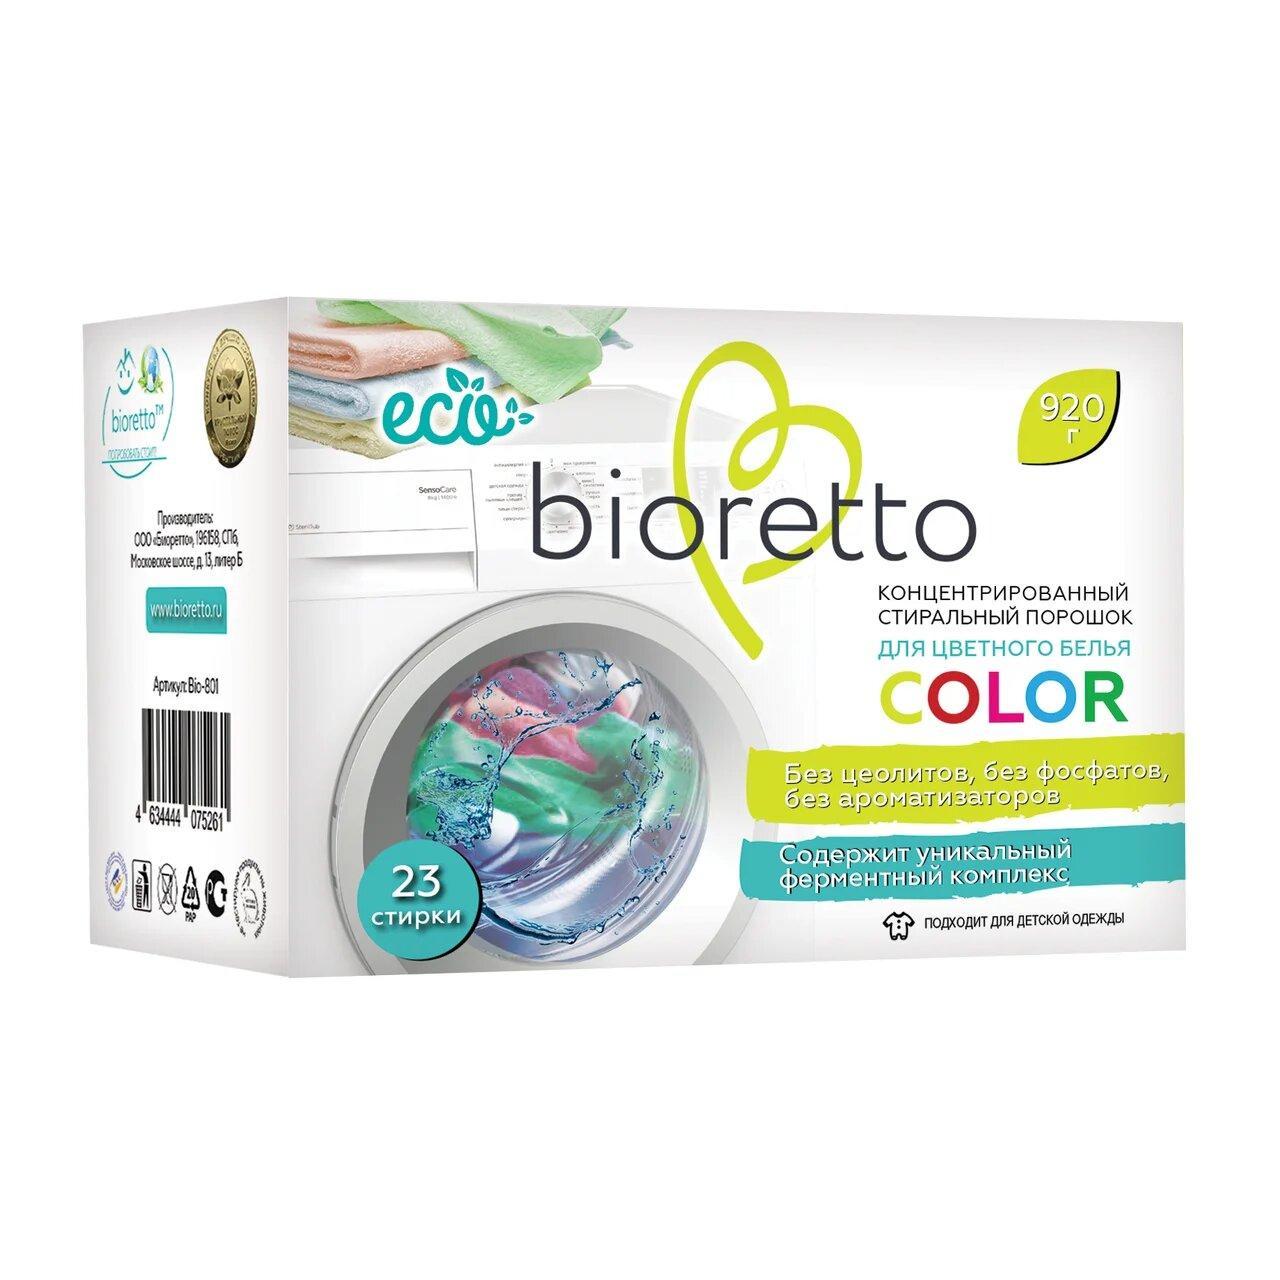 Экологичный концентрированный стиральный порошок BIORETTO для цветного белья